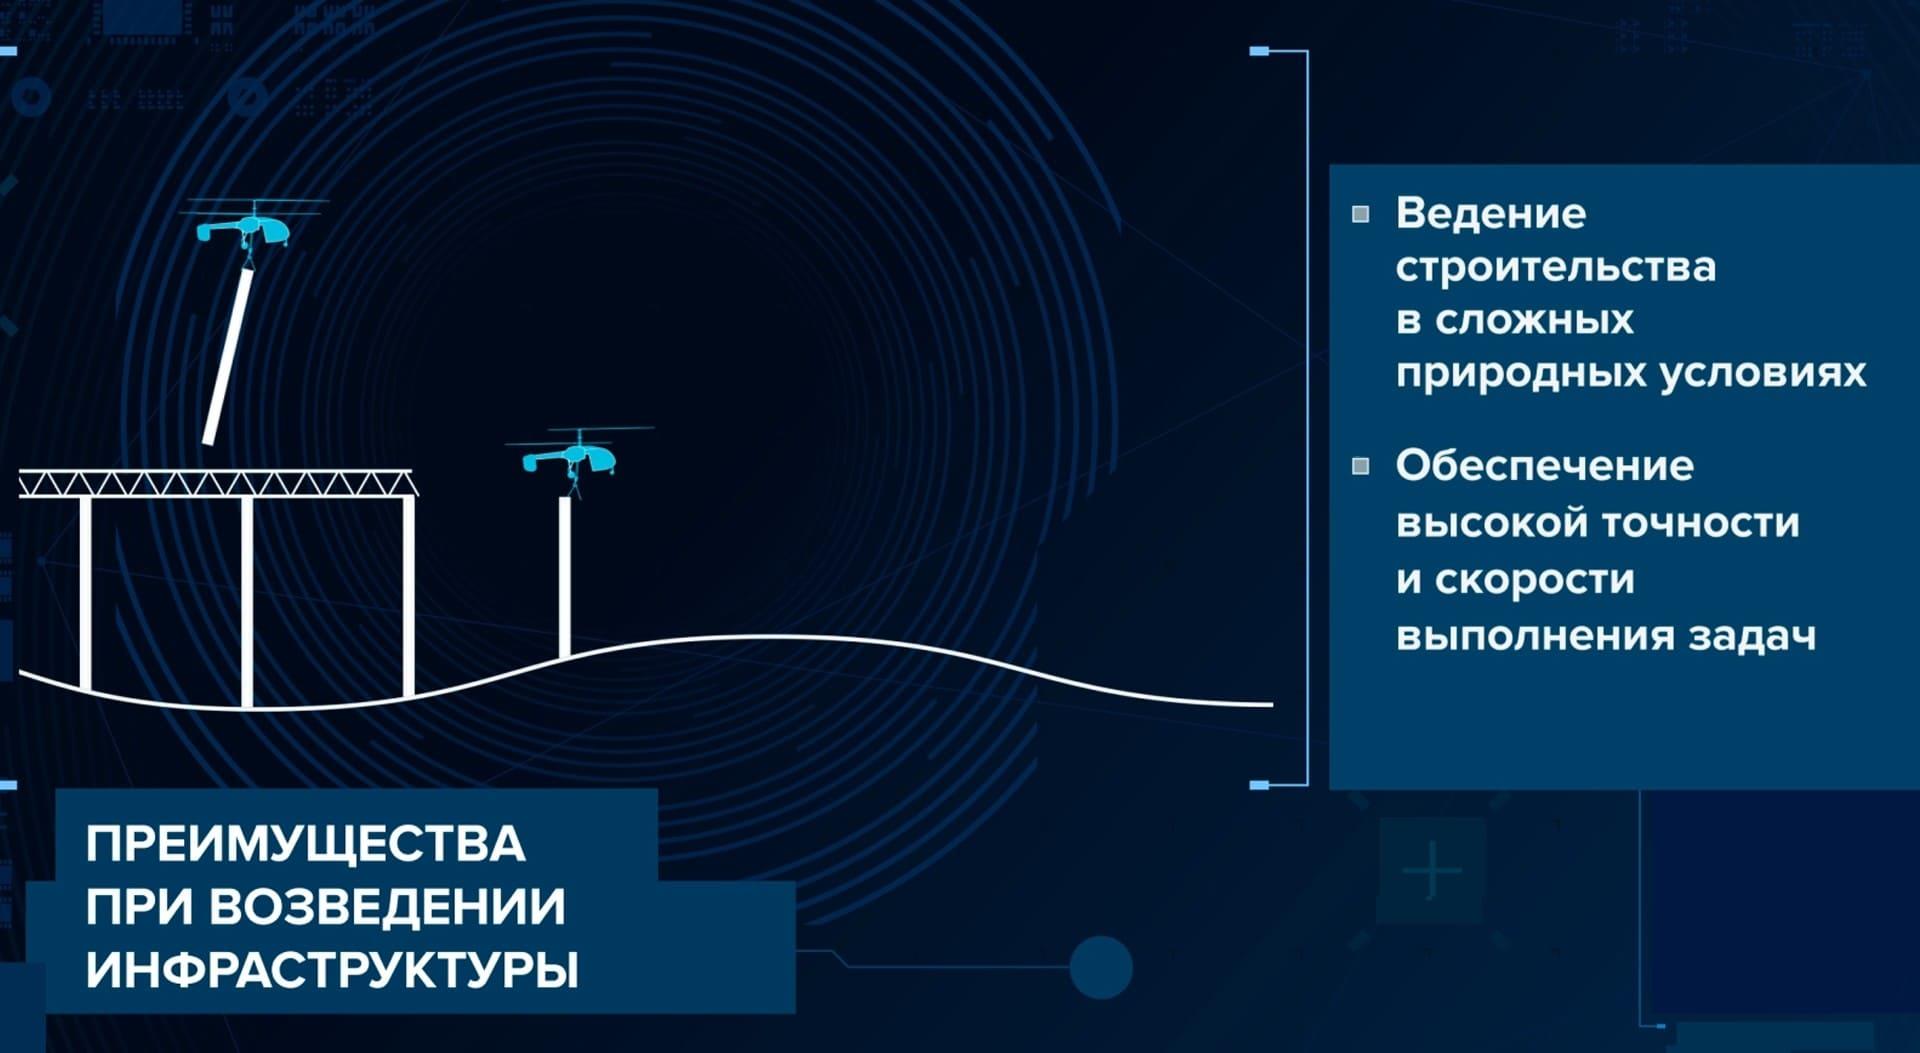 самый-большой-дрон-skyway (4)